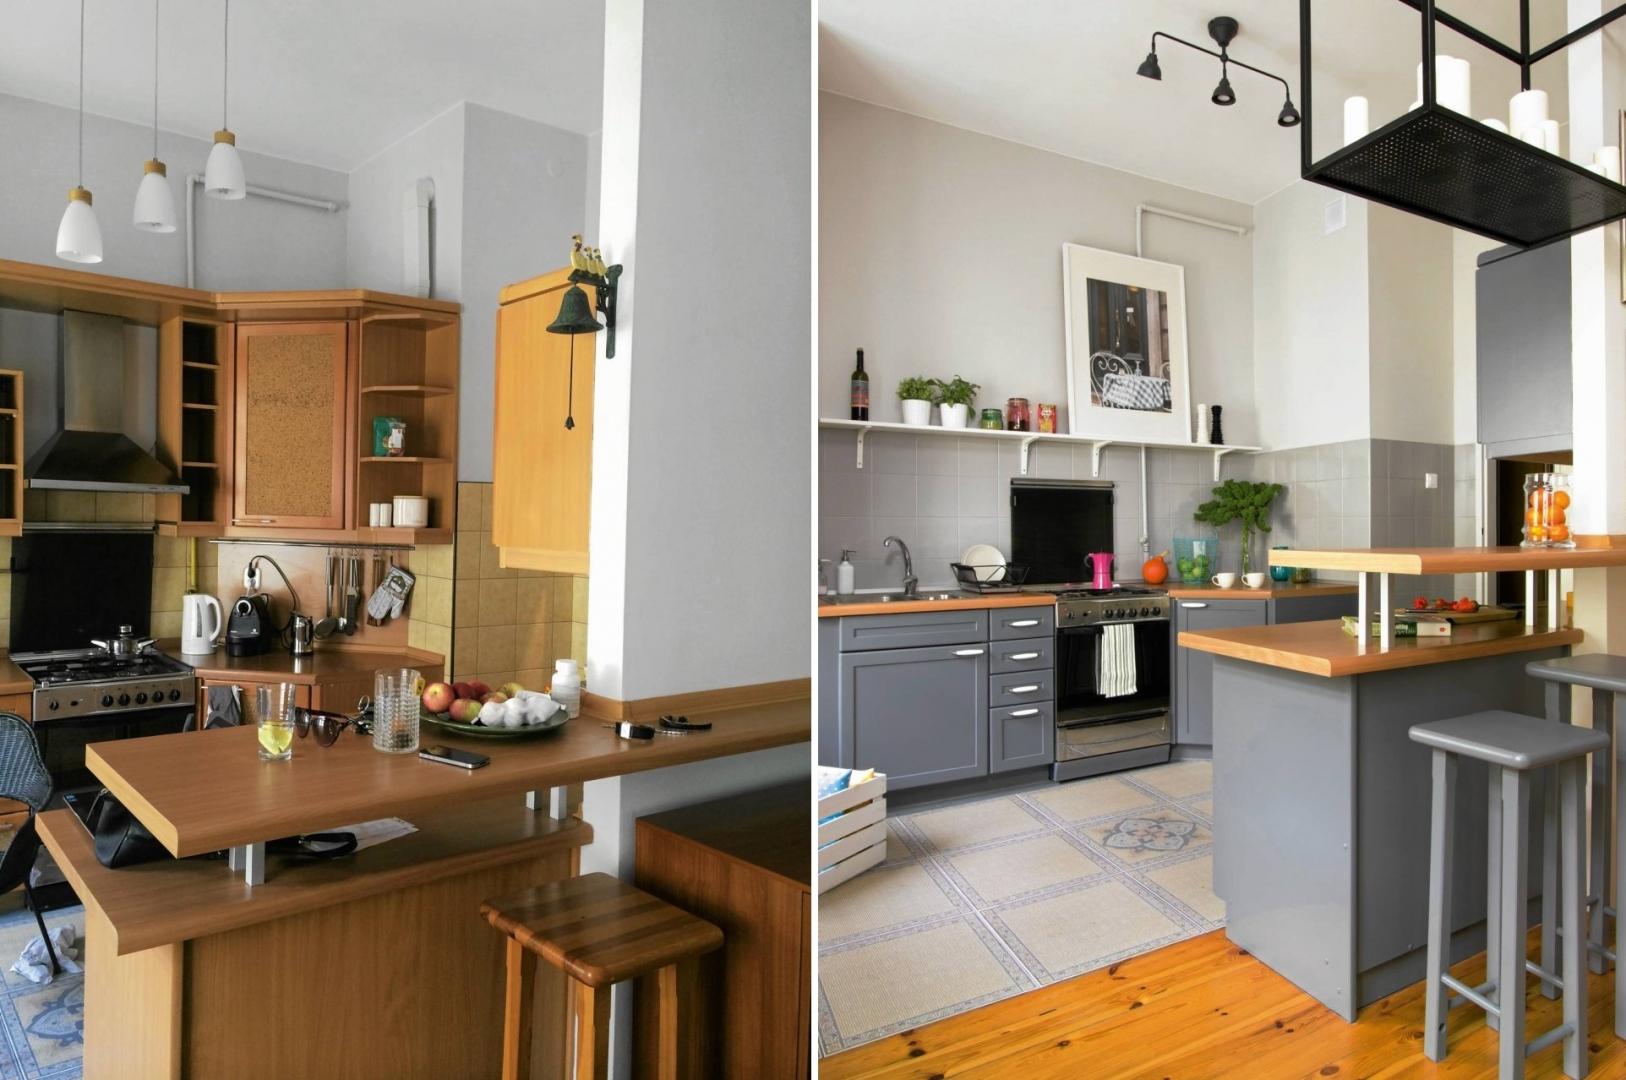 Metamorfoza Kuchni Za 1100 Zł Efekt Zdumiewa ładny Dom